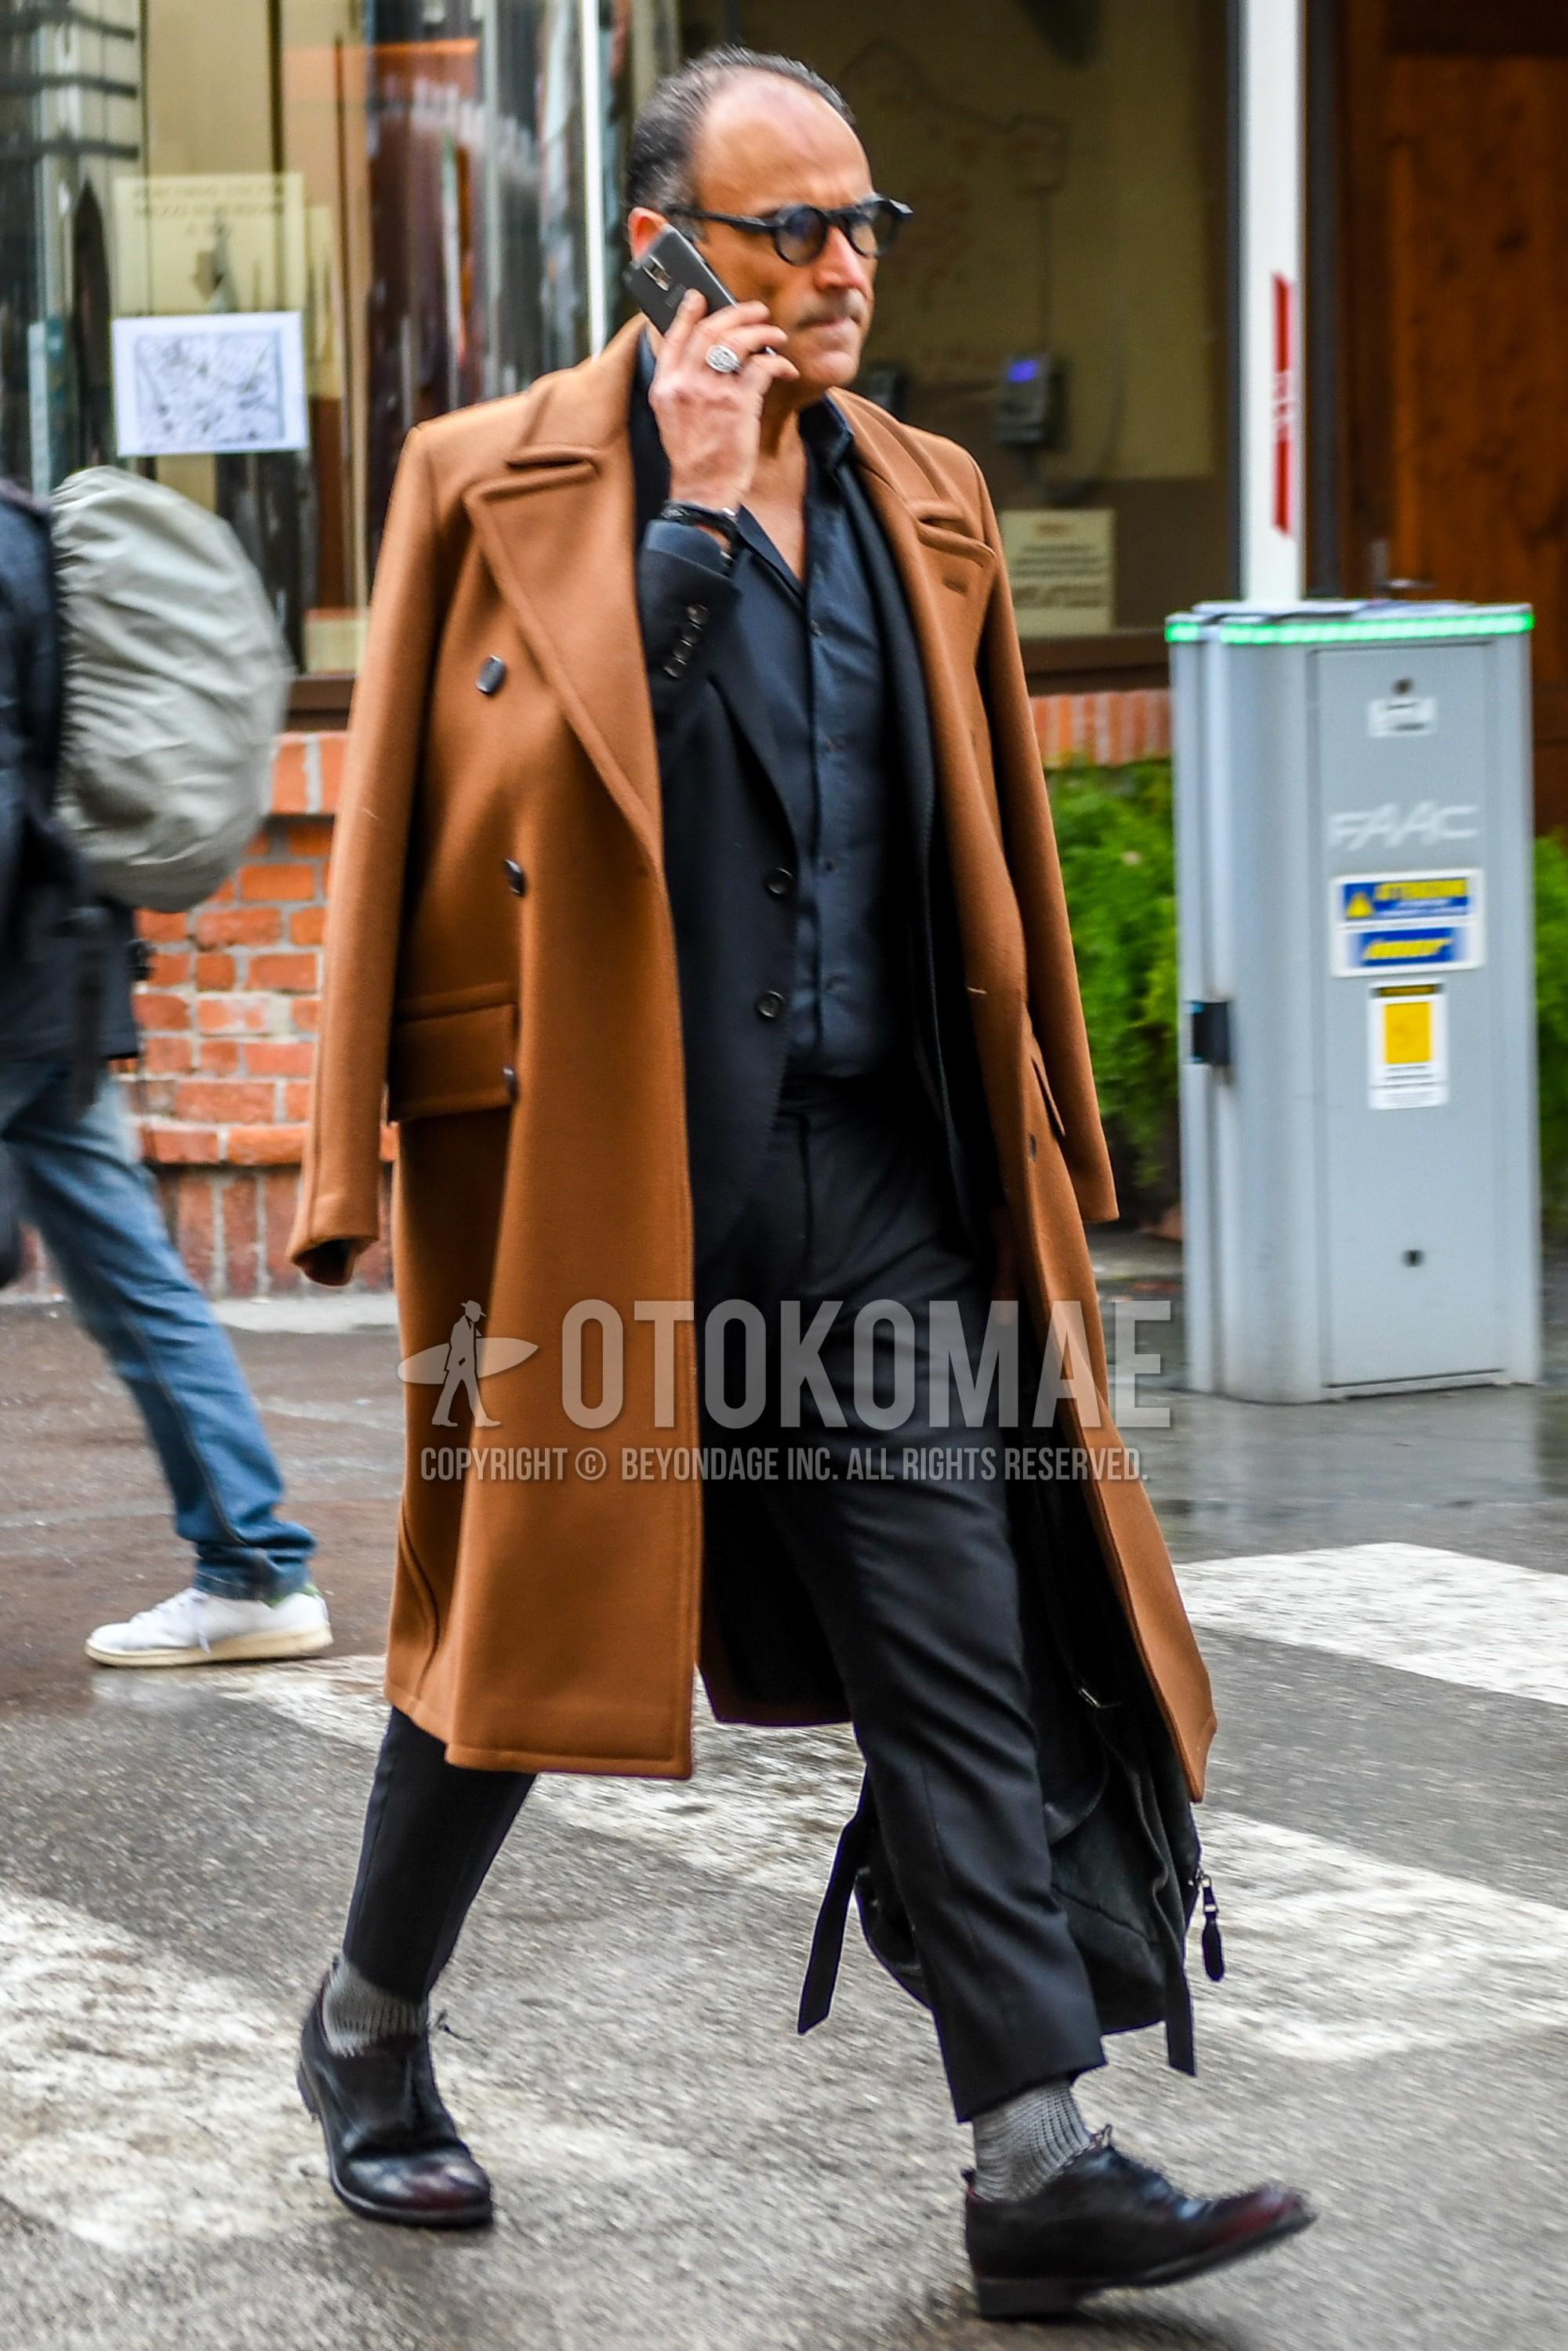 黒無地のメガネ、ブラウン無地のアルスターコート、ダークグレー無地のシャツ、グレー無地のソックス、ブラウンストレートチップの革靴、ダークグレー無地のスーツを合わせた冬のメンズコーデ・着こなし。